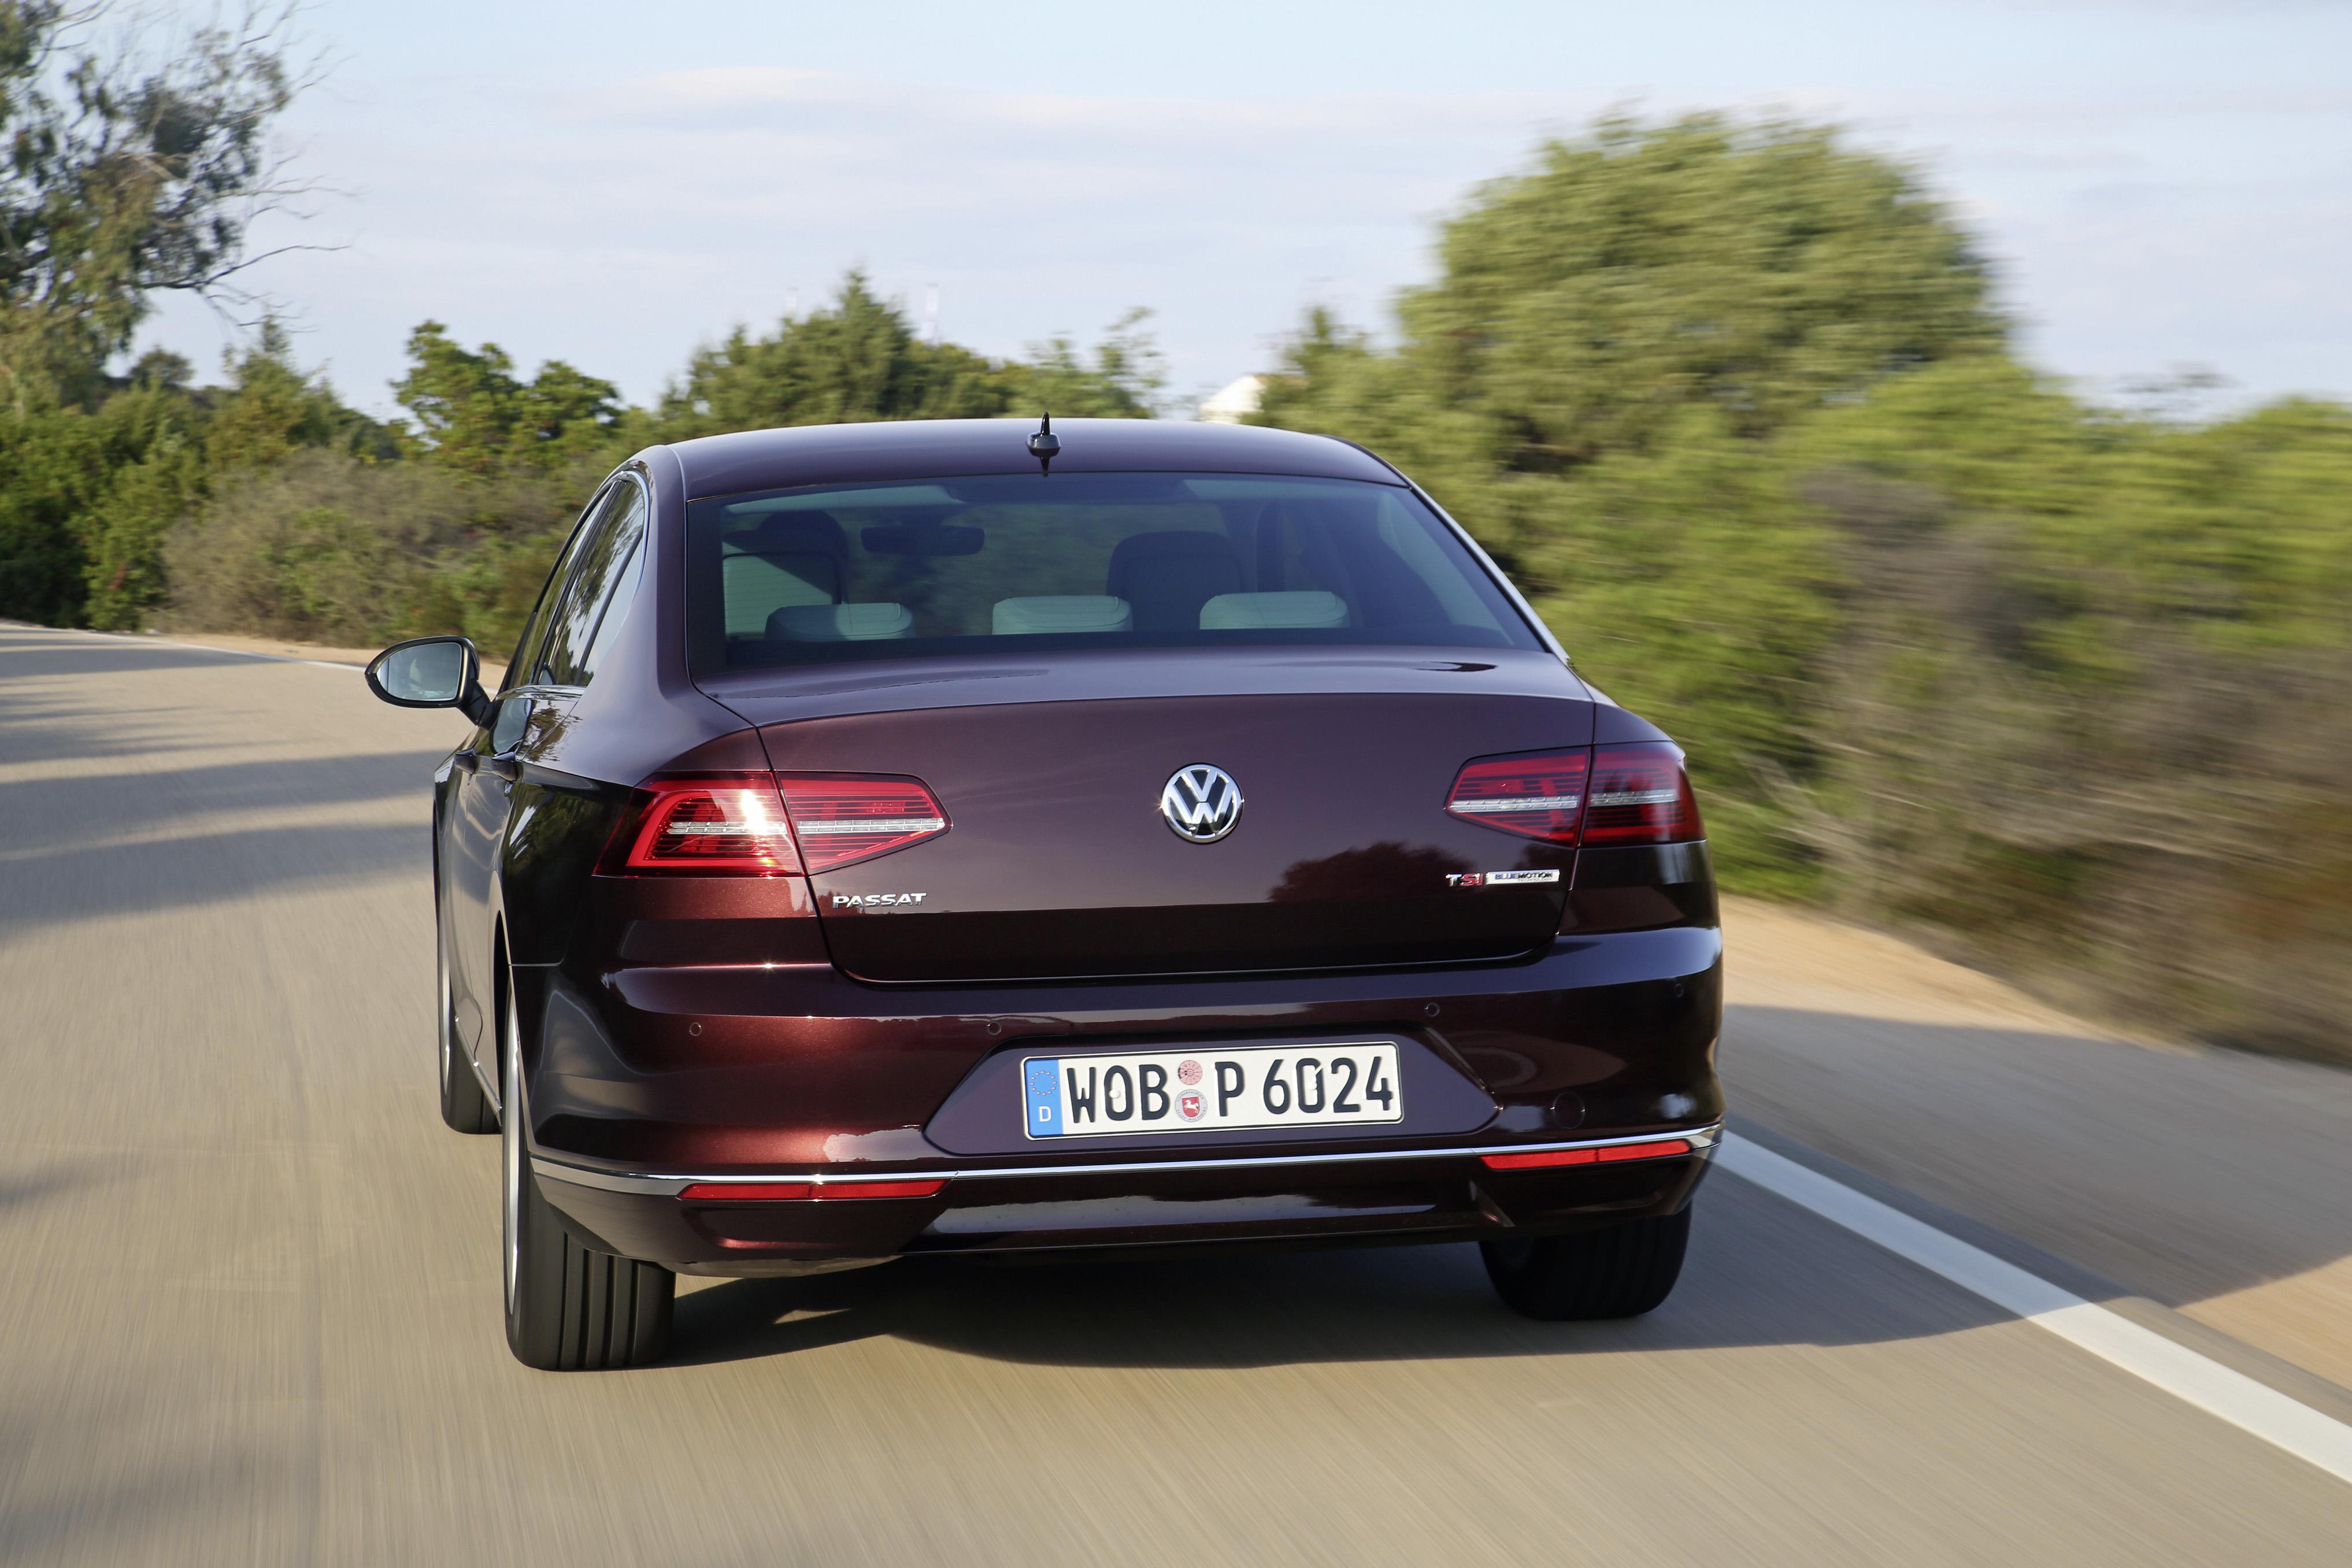 2015 Volkswagen Passat B8 in Crimson Red Metallic Looks Stunning - autoevolution